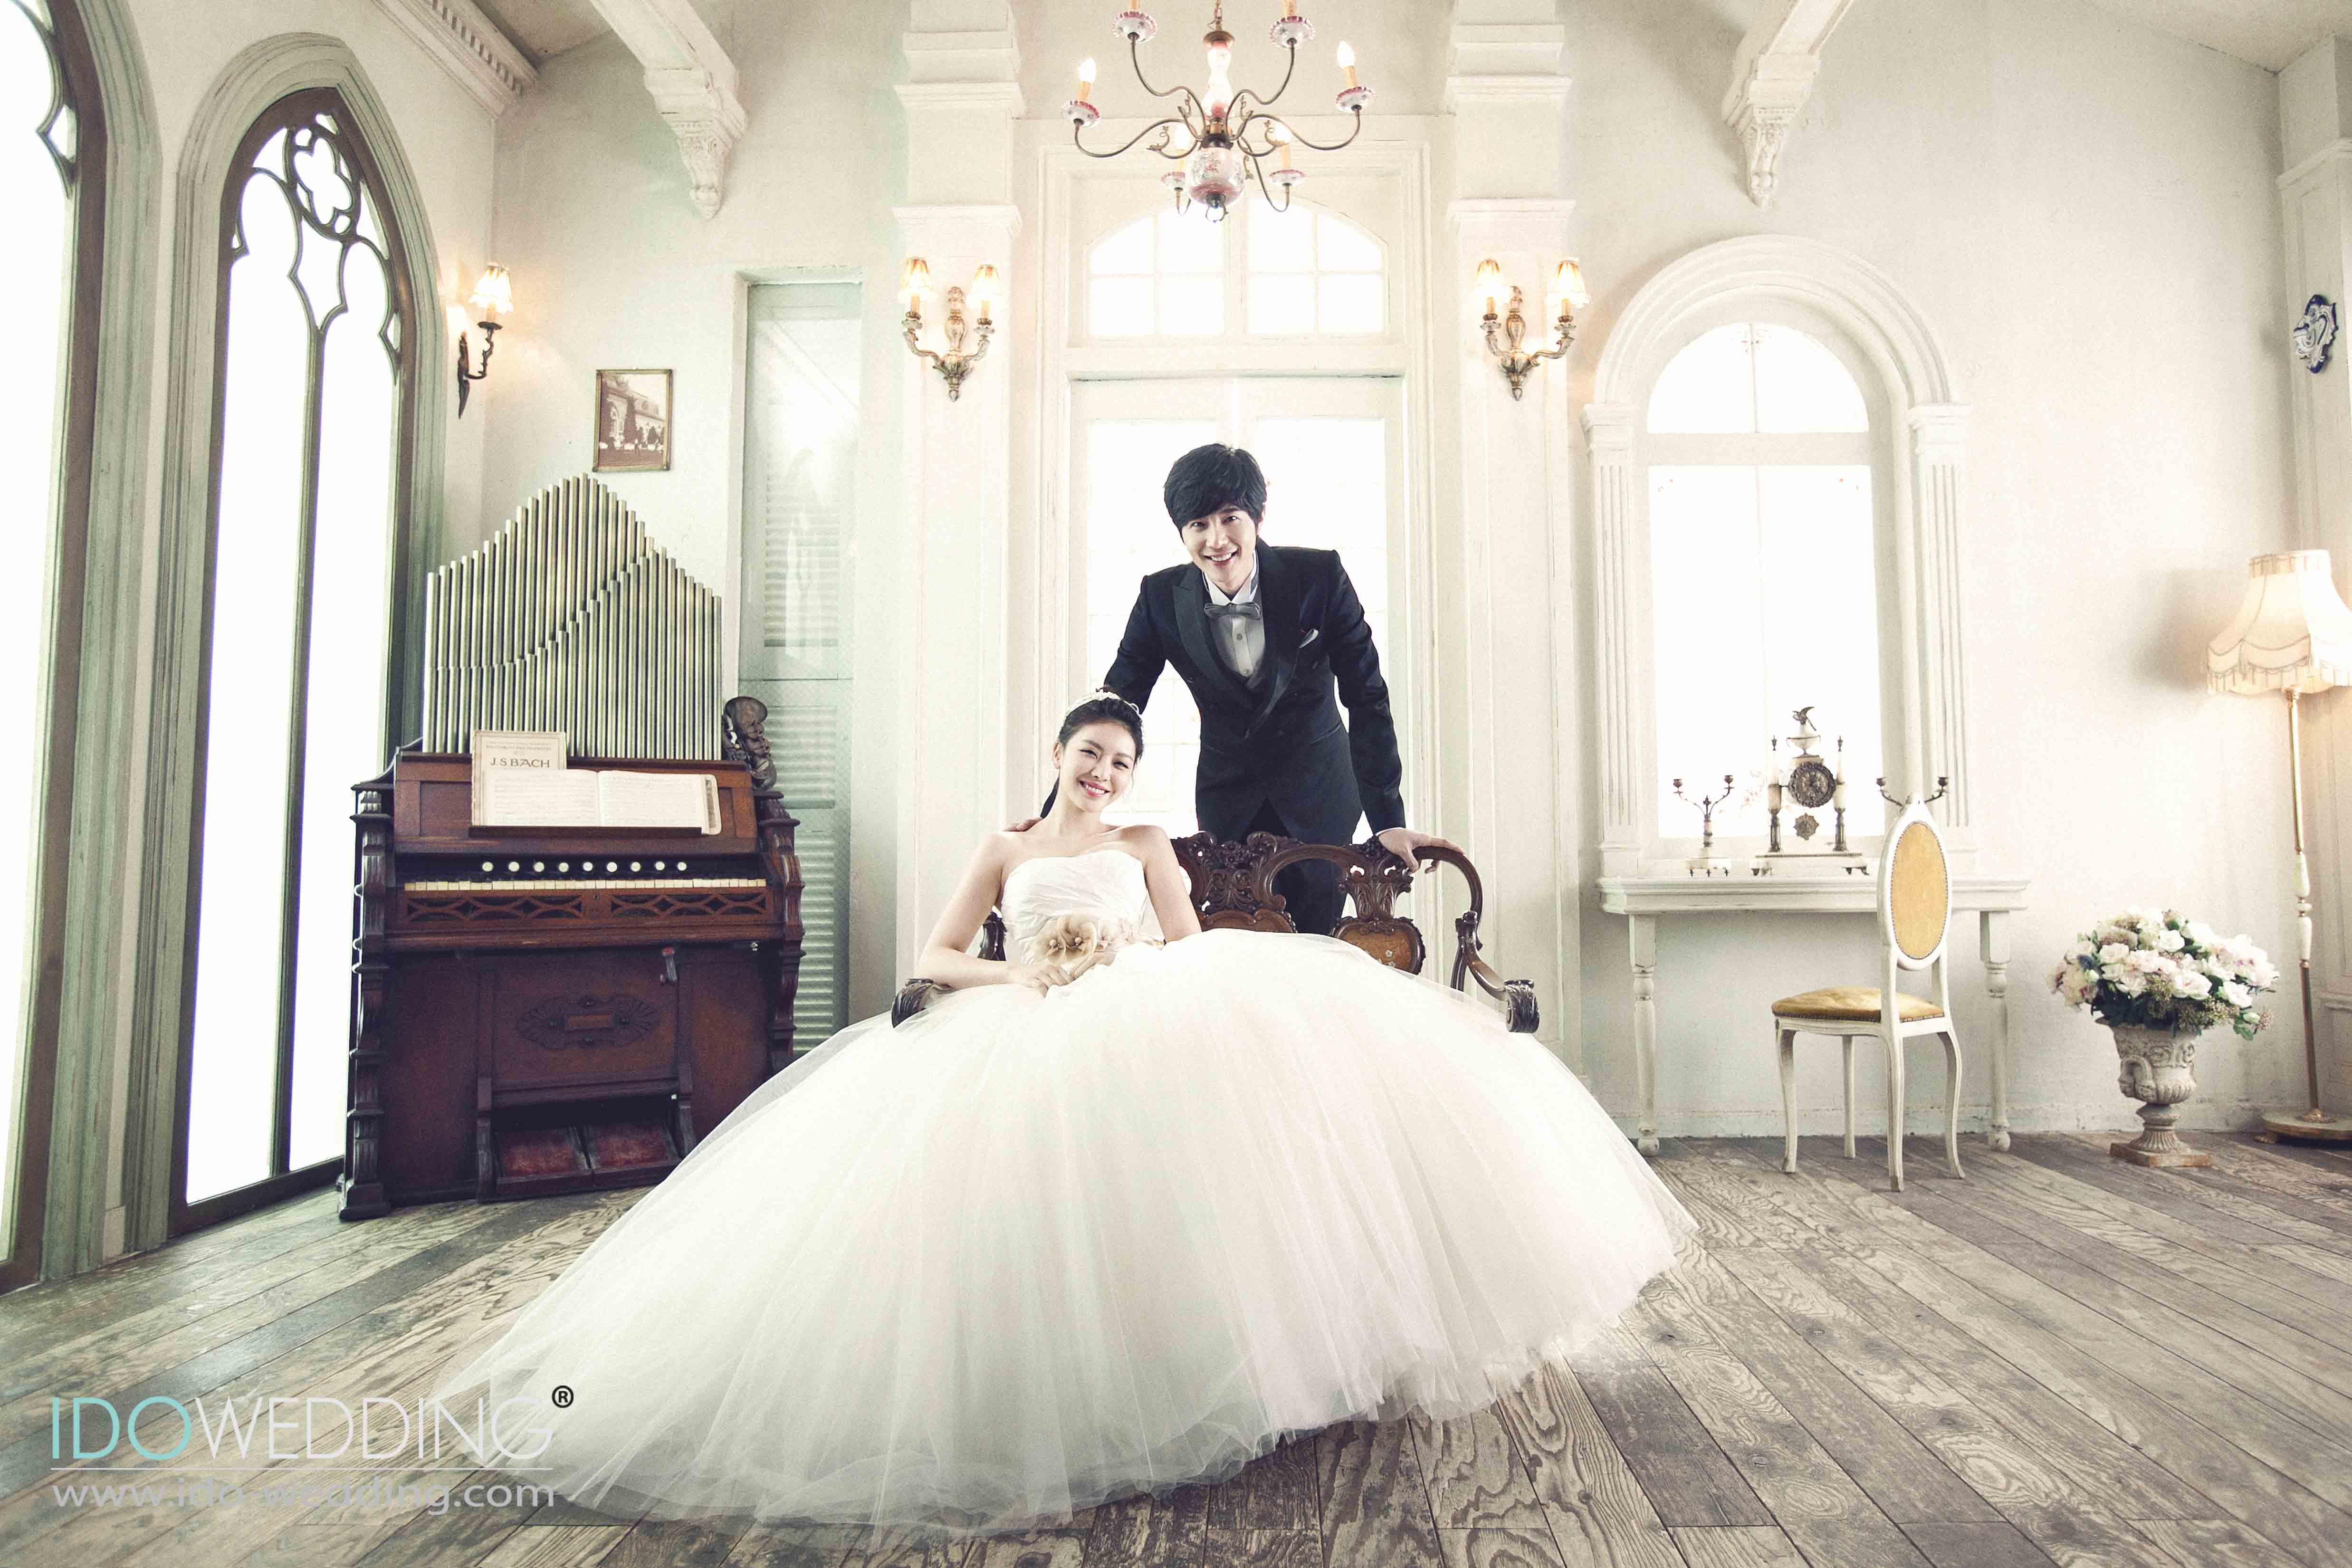 Pre-wedding Photography in Korea [Expired] | Korean